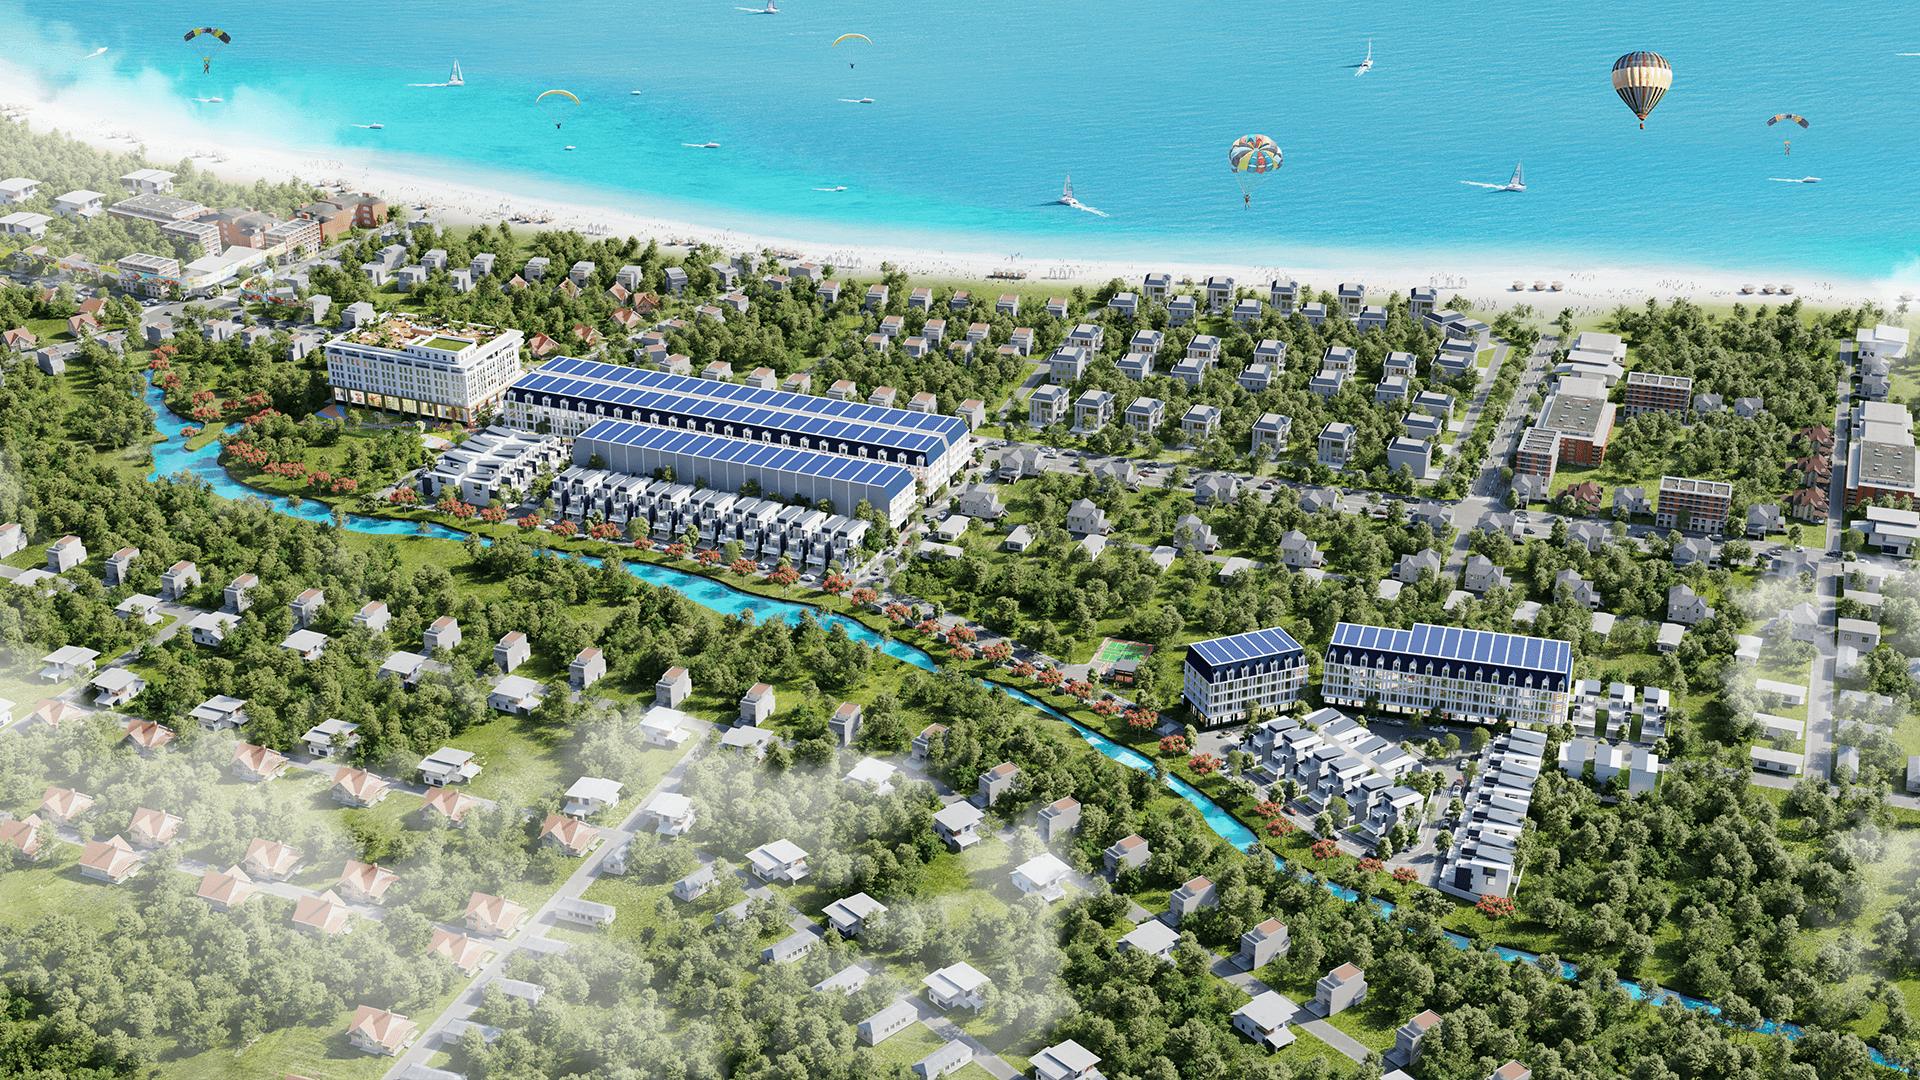 Bà Rịa - Vũng Tàu rà soát hai dự án Axis Hồ Tràm, khu nghỉ dưỡng Coastar Estate tại huyện Xuyên Mộc - Ảnh 1.